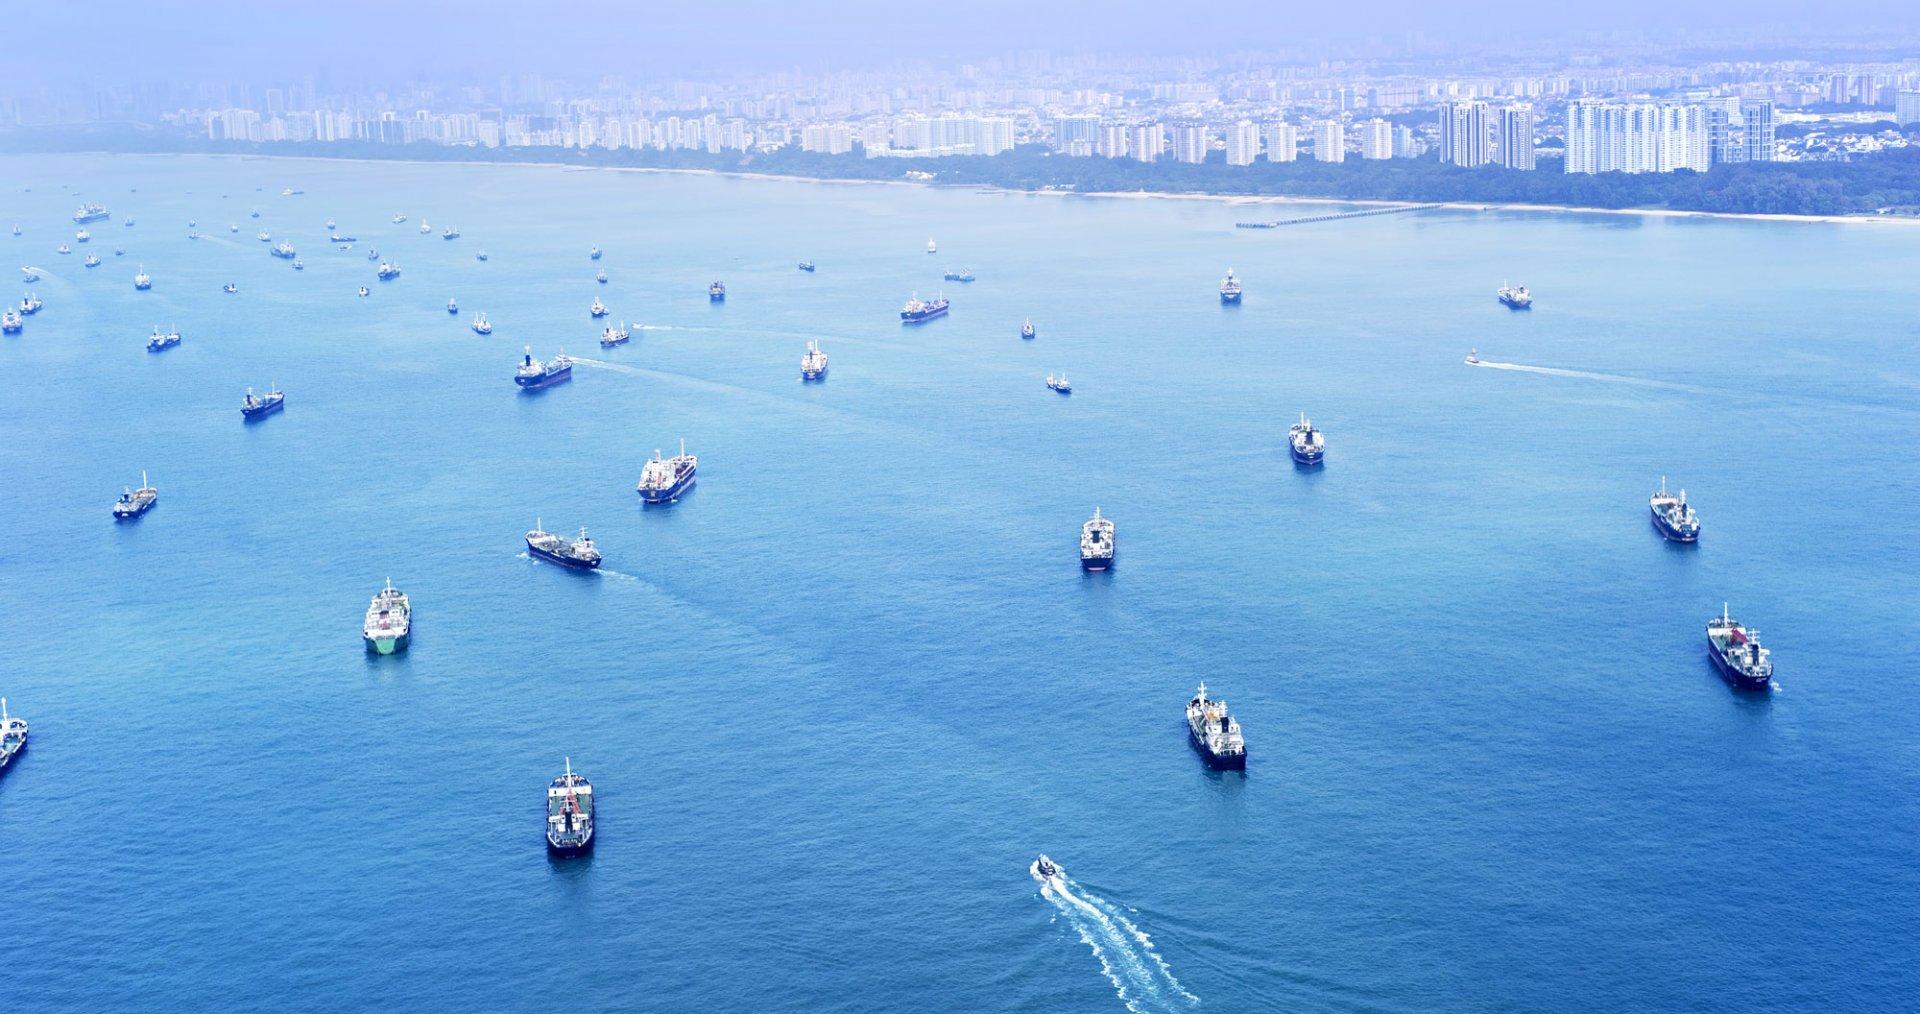 БНАСАУ БНХАУ-тай далайн худалдаагаа сэргээж эхэллээ